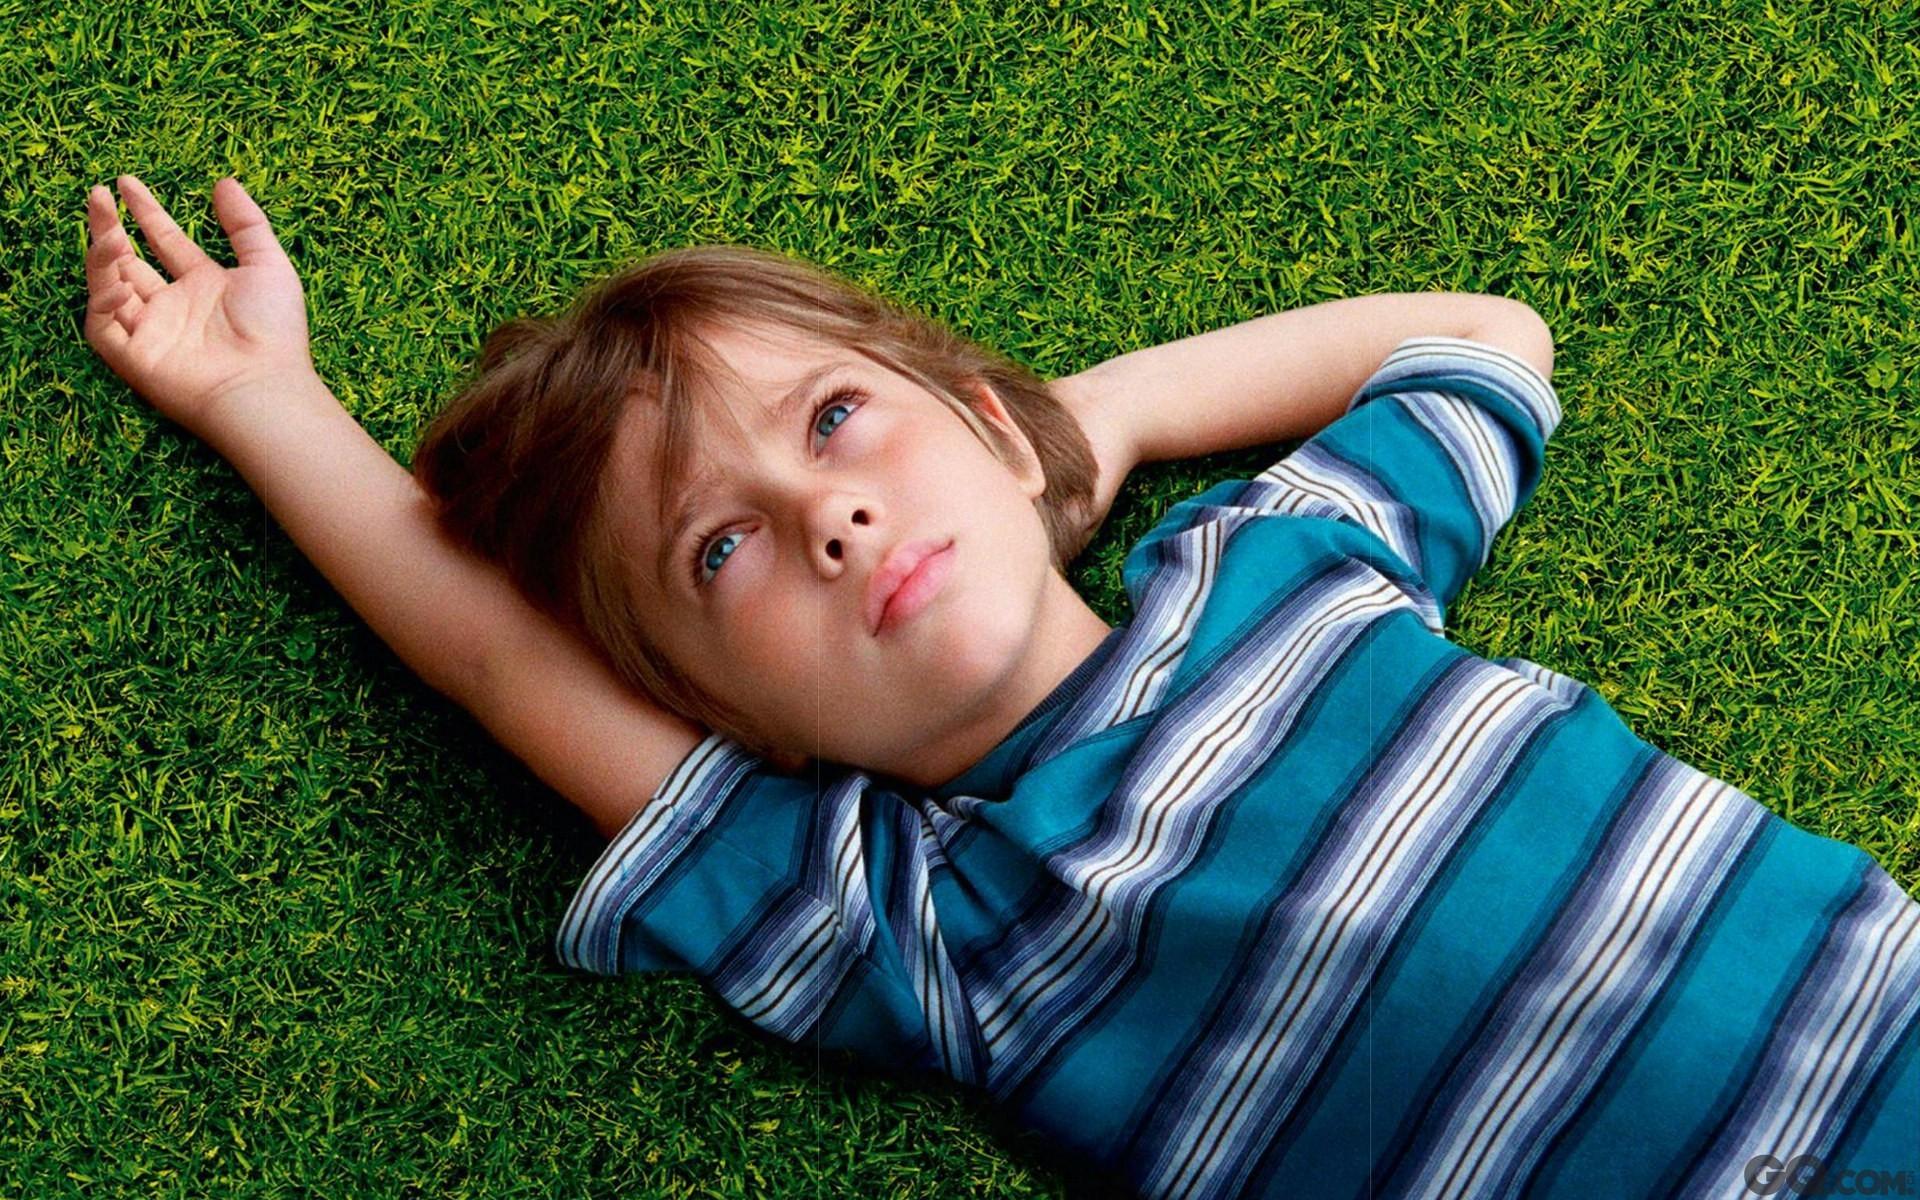 理查德-林克莱特(《爱在黎明破晓时》三部曲导演)用了12年时间,拍摄成这部名叫《少年时代》的电影,真实记录了一名男孩的成长过程。这样的执念恐怕在 整个影史里都算凤毛麟角。本届金球奖上,该片获剧情类最佳影片、导演、女配角奖,成为最大赢家。当那首能把人心瞬间融化掉的插曲《Hero》响起时,还真 是挺催泪的。